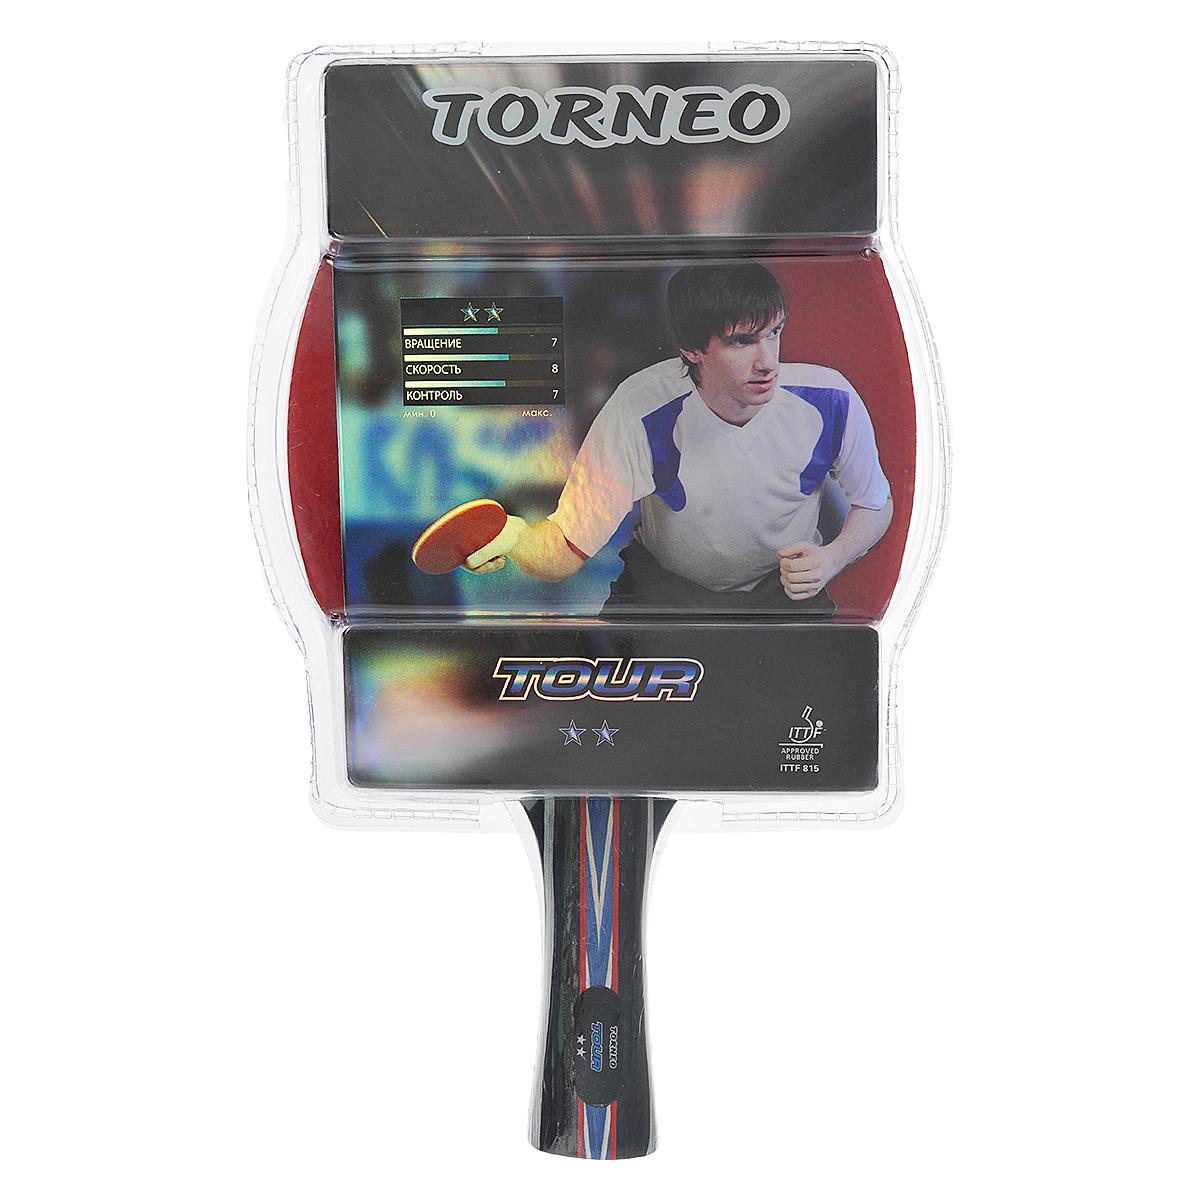 Ракетка для настольного тенниса Torneo Tour ракетка для настольного тенниса torneo tour